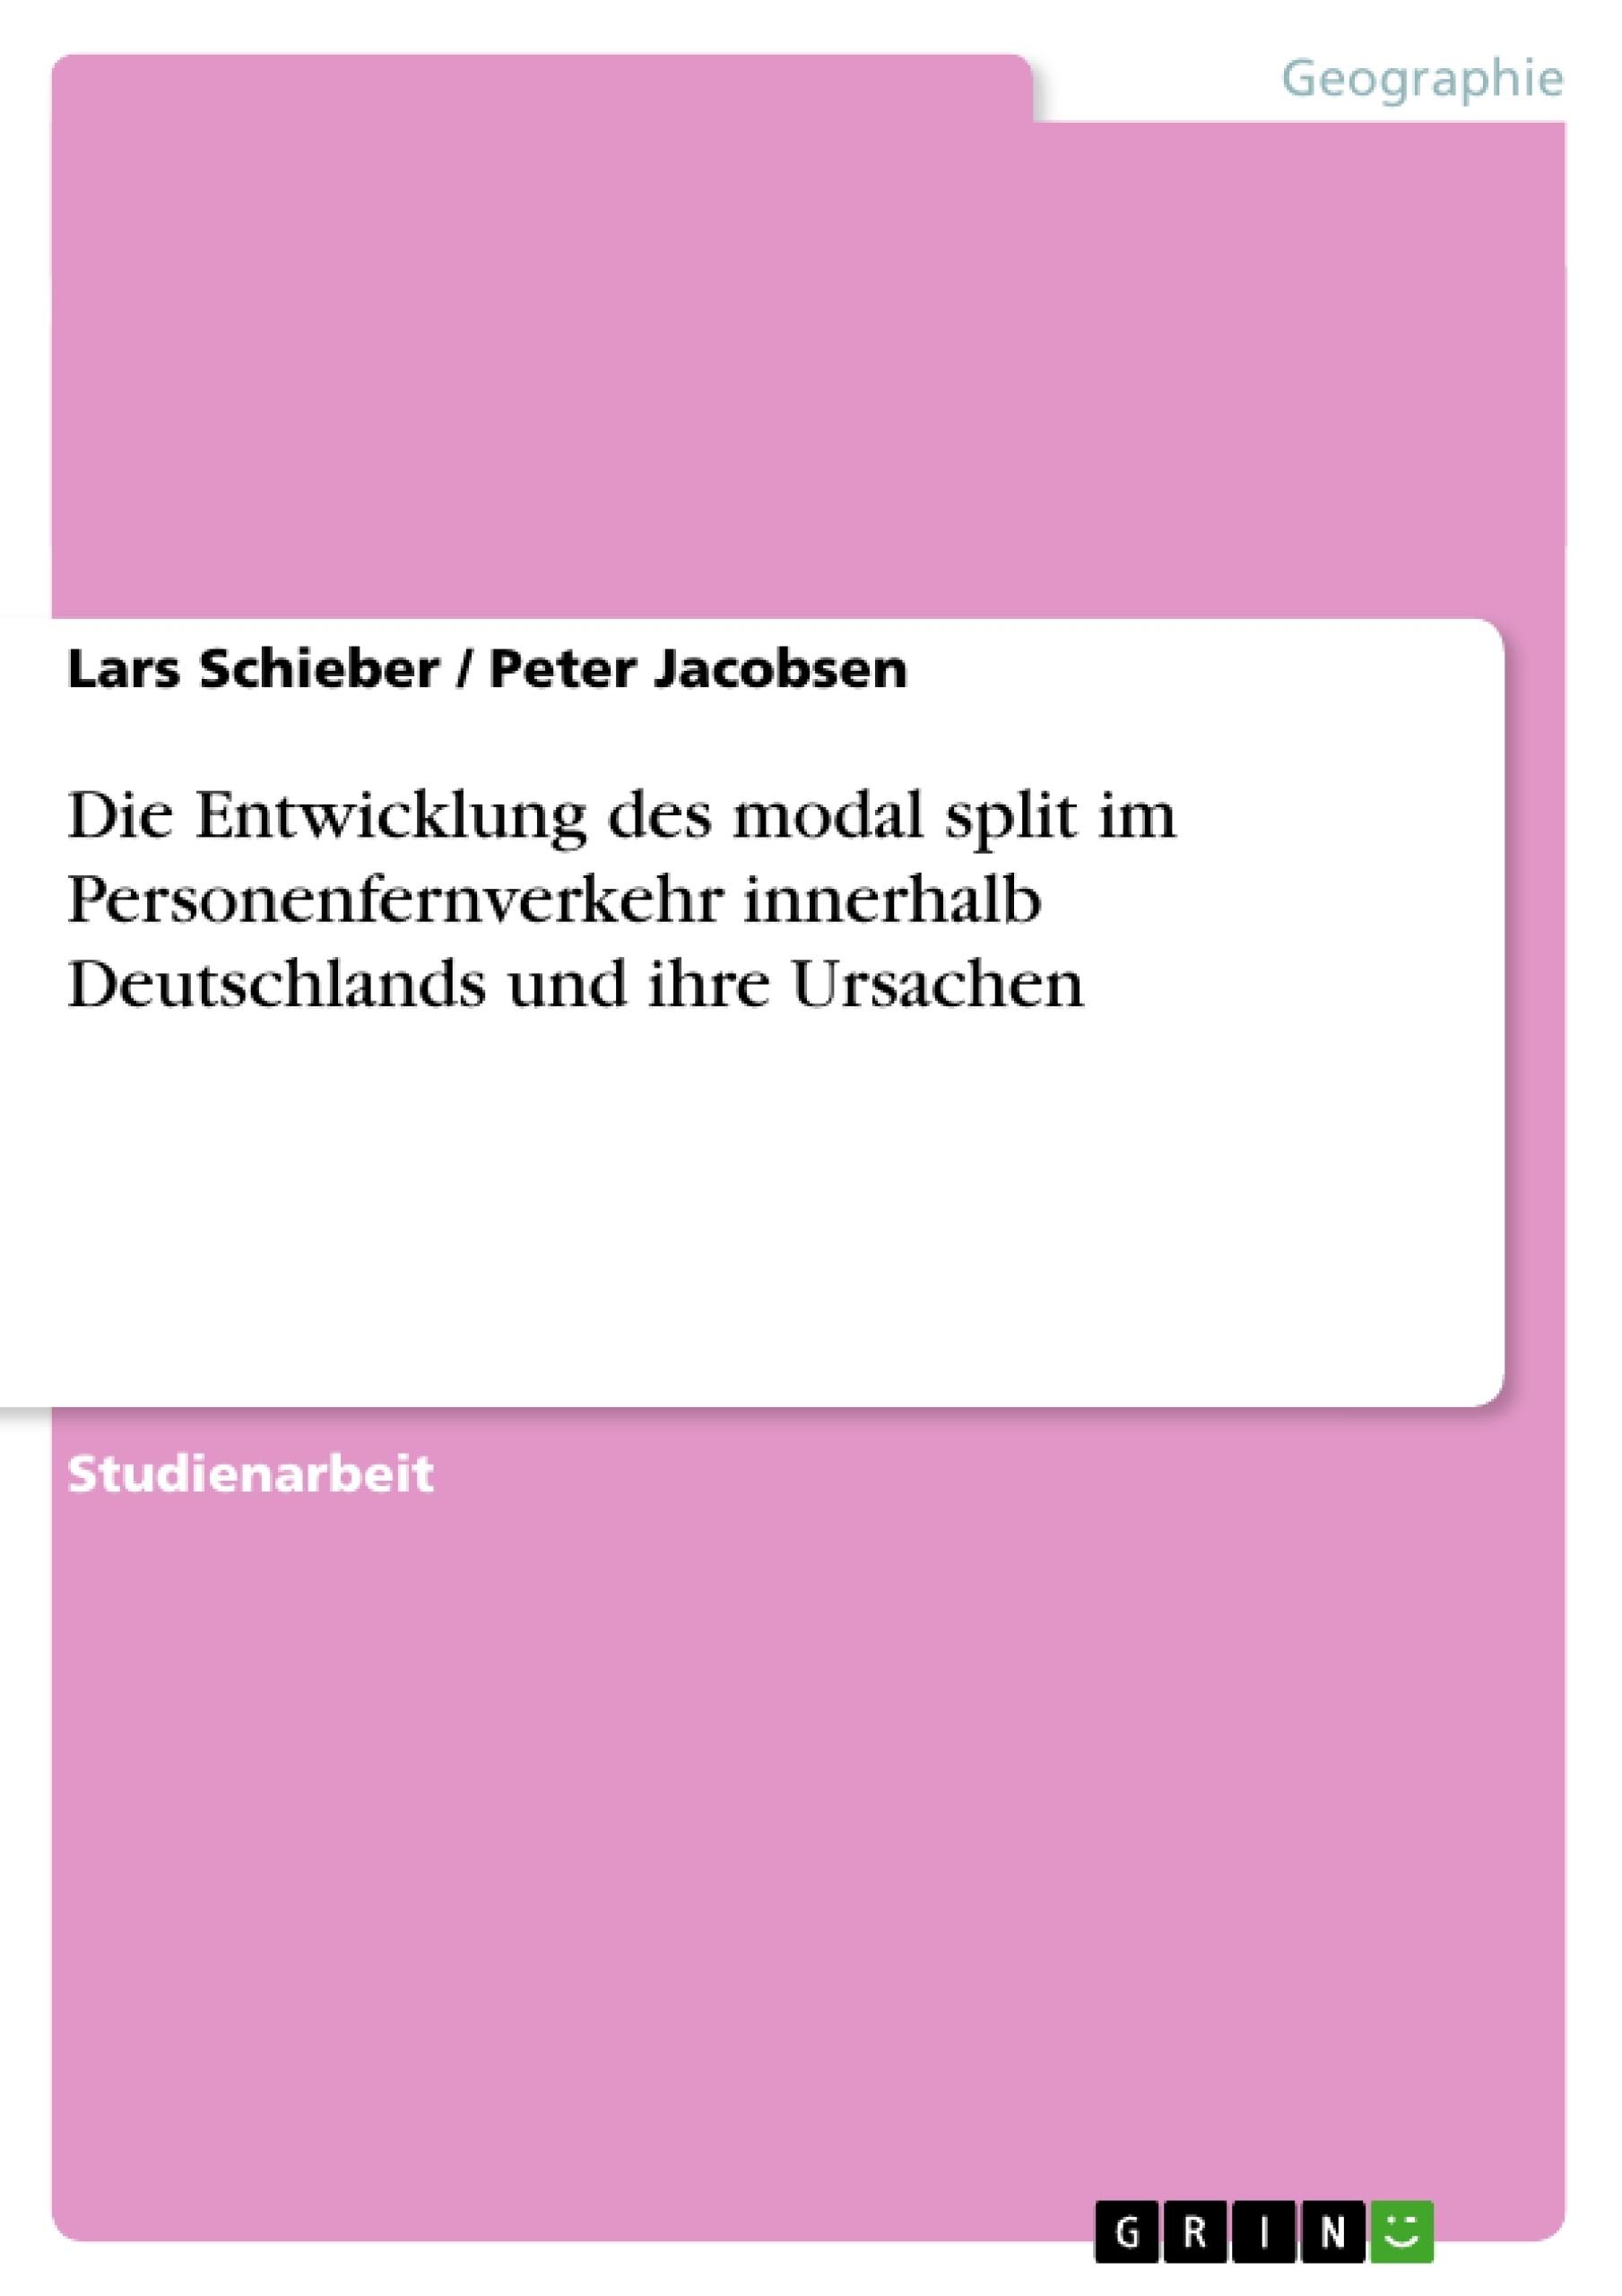 Titel: Die Entwicklung des modal split im Personenfernverkehr innerhalb Deutschlands und ihre Ursachen